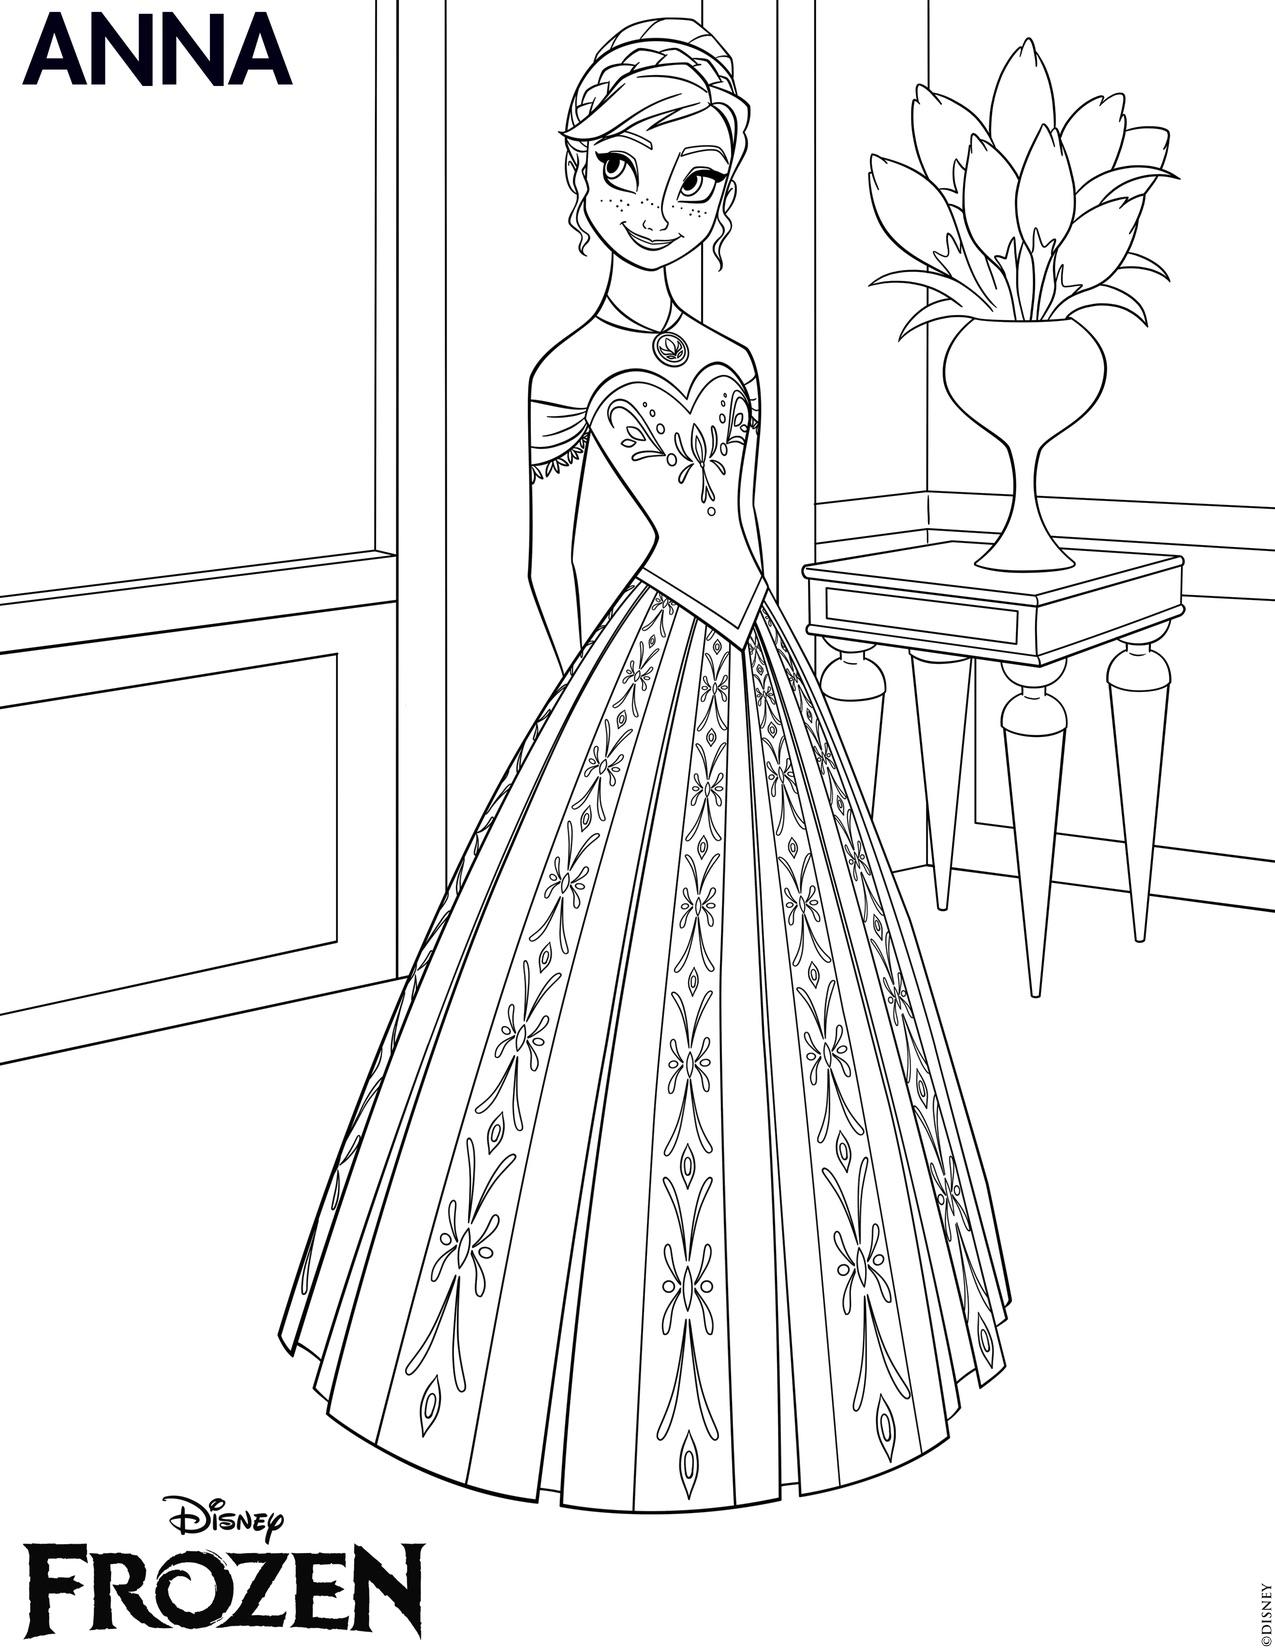 Disegni da colorare di Frozen da stampare gratis_Anna 2